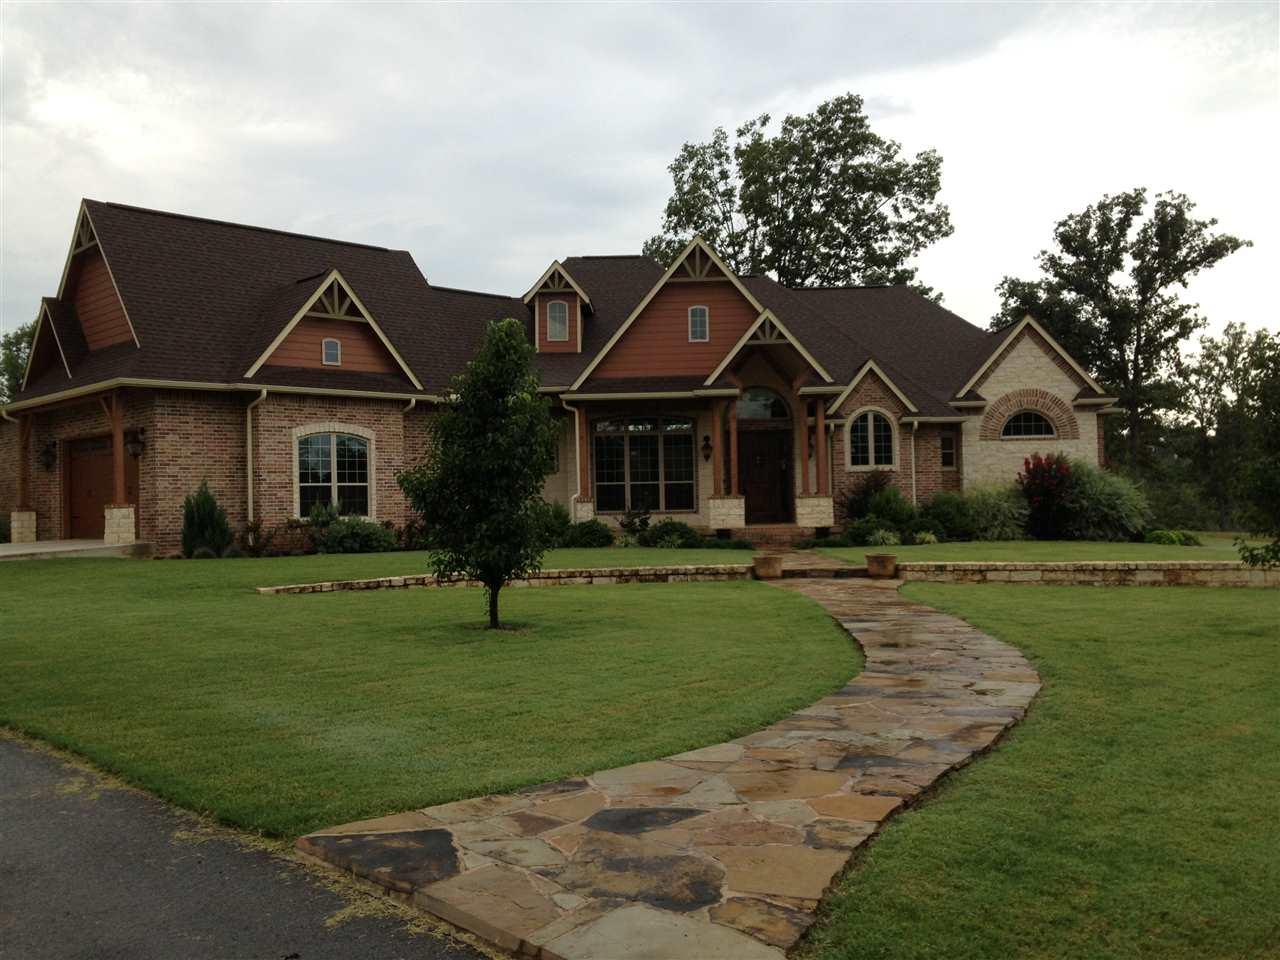 Real Estate for Sale, ListingId: 33640964, Atoka,OK74525